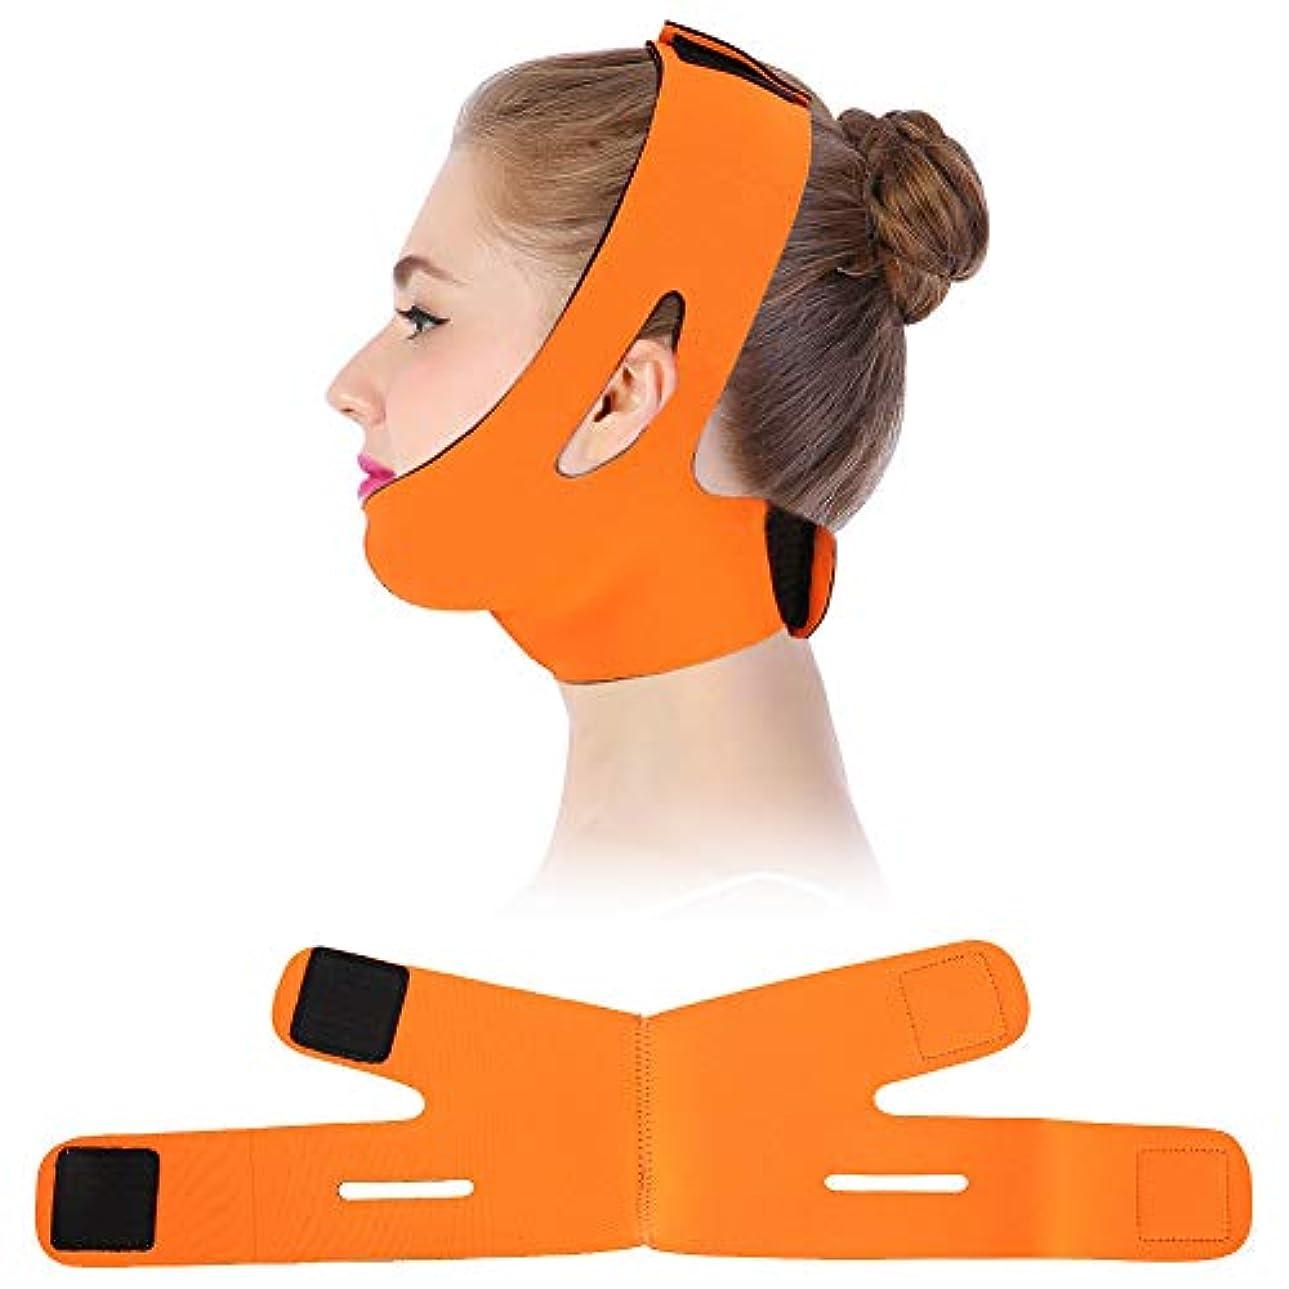 ルー学習者中絶フェイスリフティングベルト,顔の痩身包帯フェイシャルスリミング包帯ベルトマスクフェイスリフトダブルチンスキンストラップ (Orange)